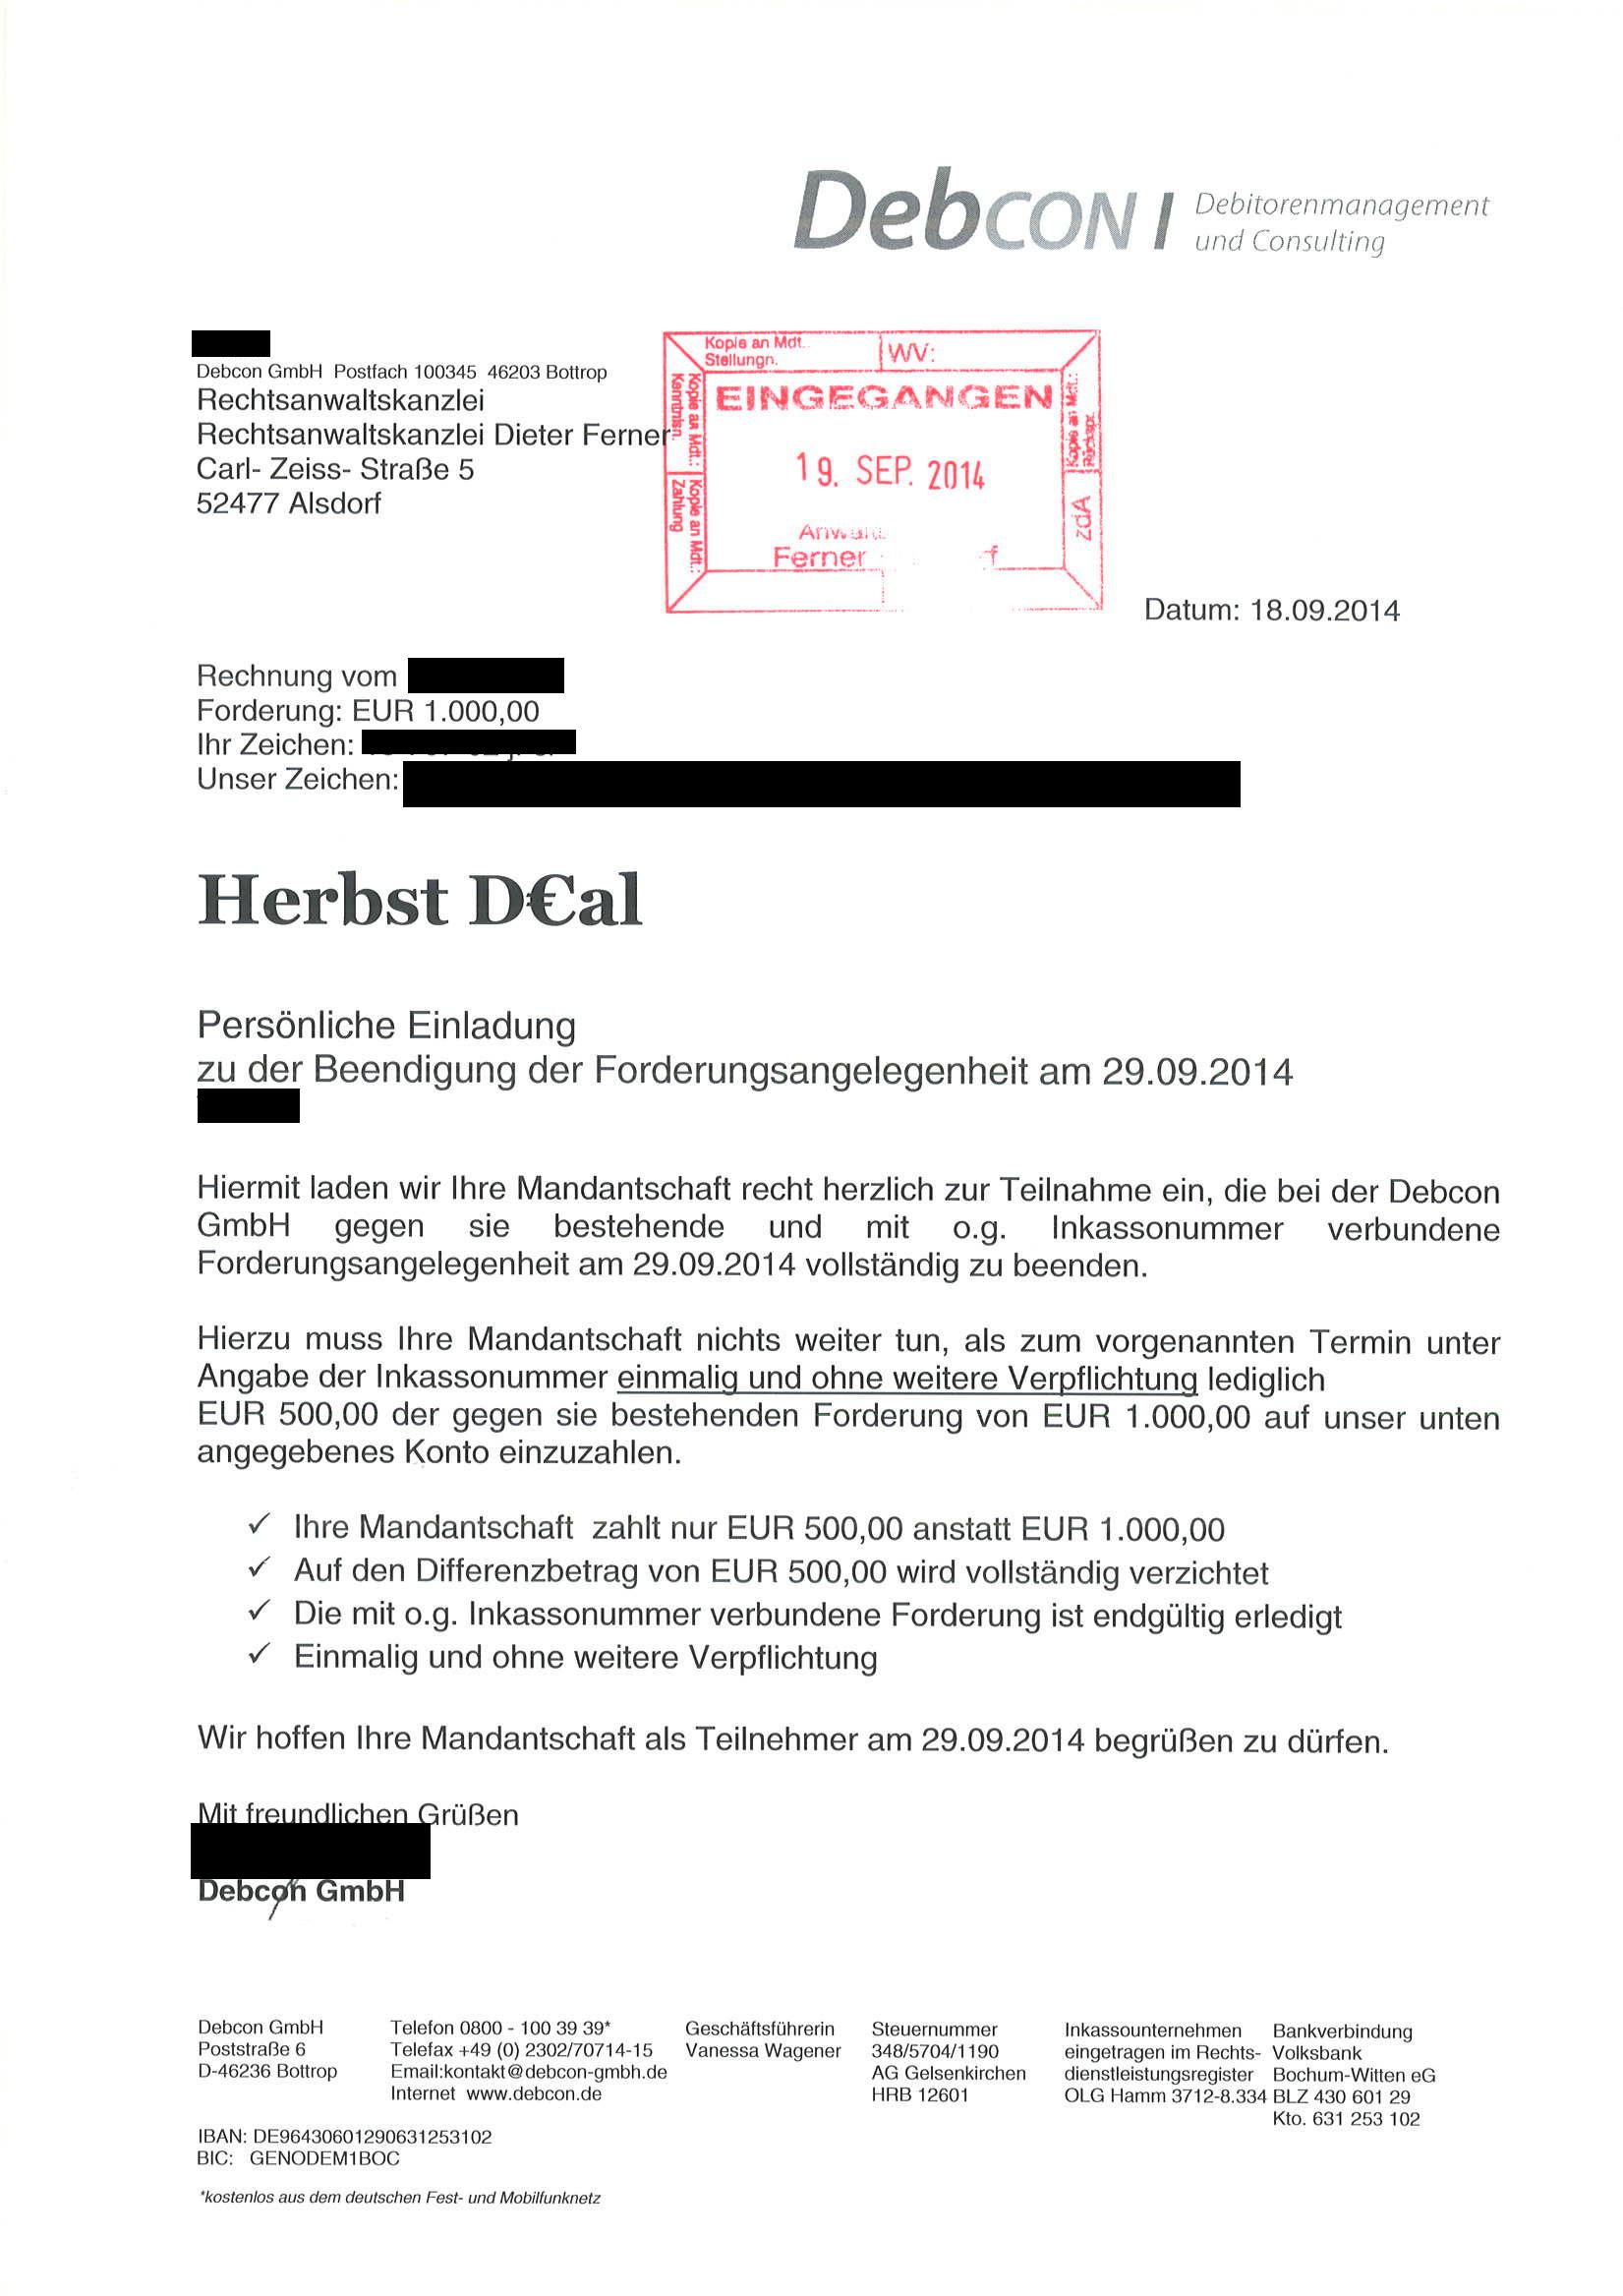 debcon | Rechtsanwalt | Debcon: Rechtsanwalt Ferner, Fachanwalt für ...